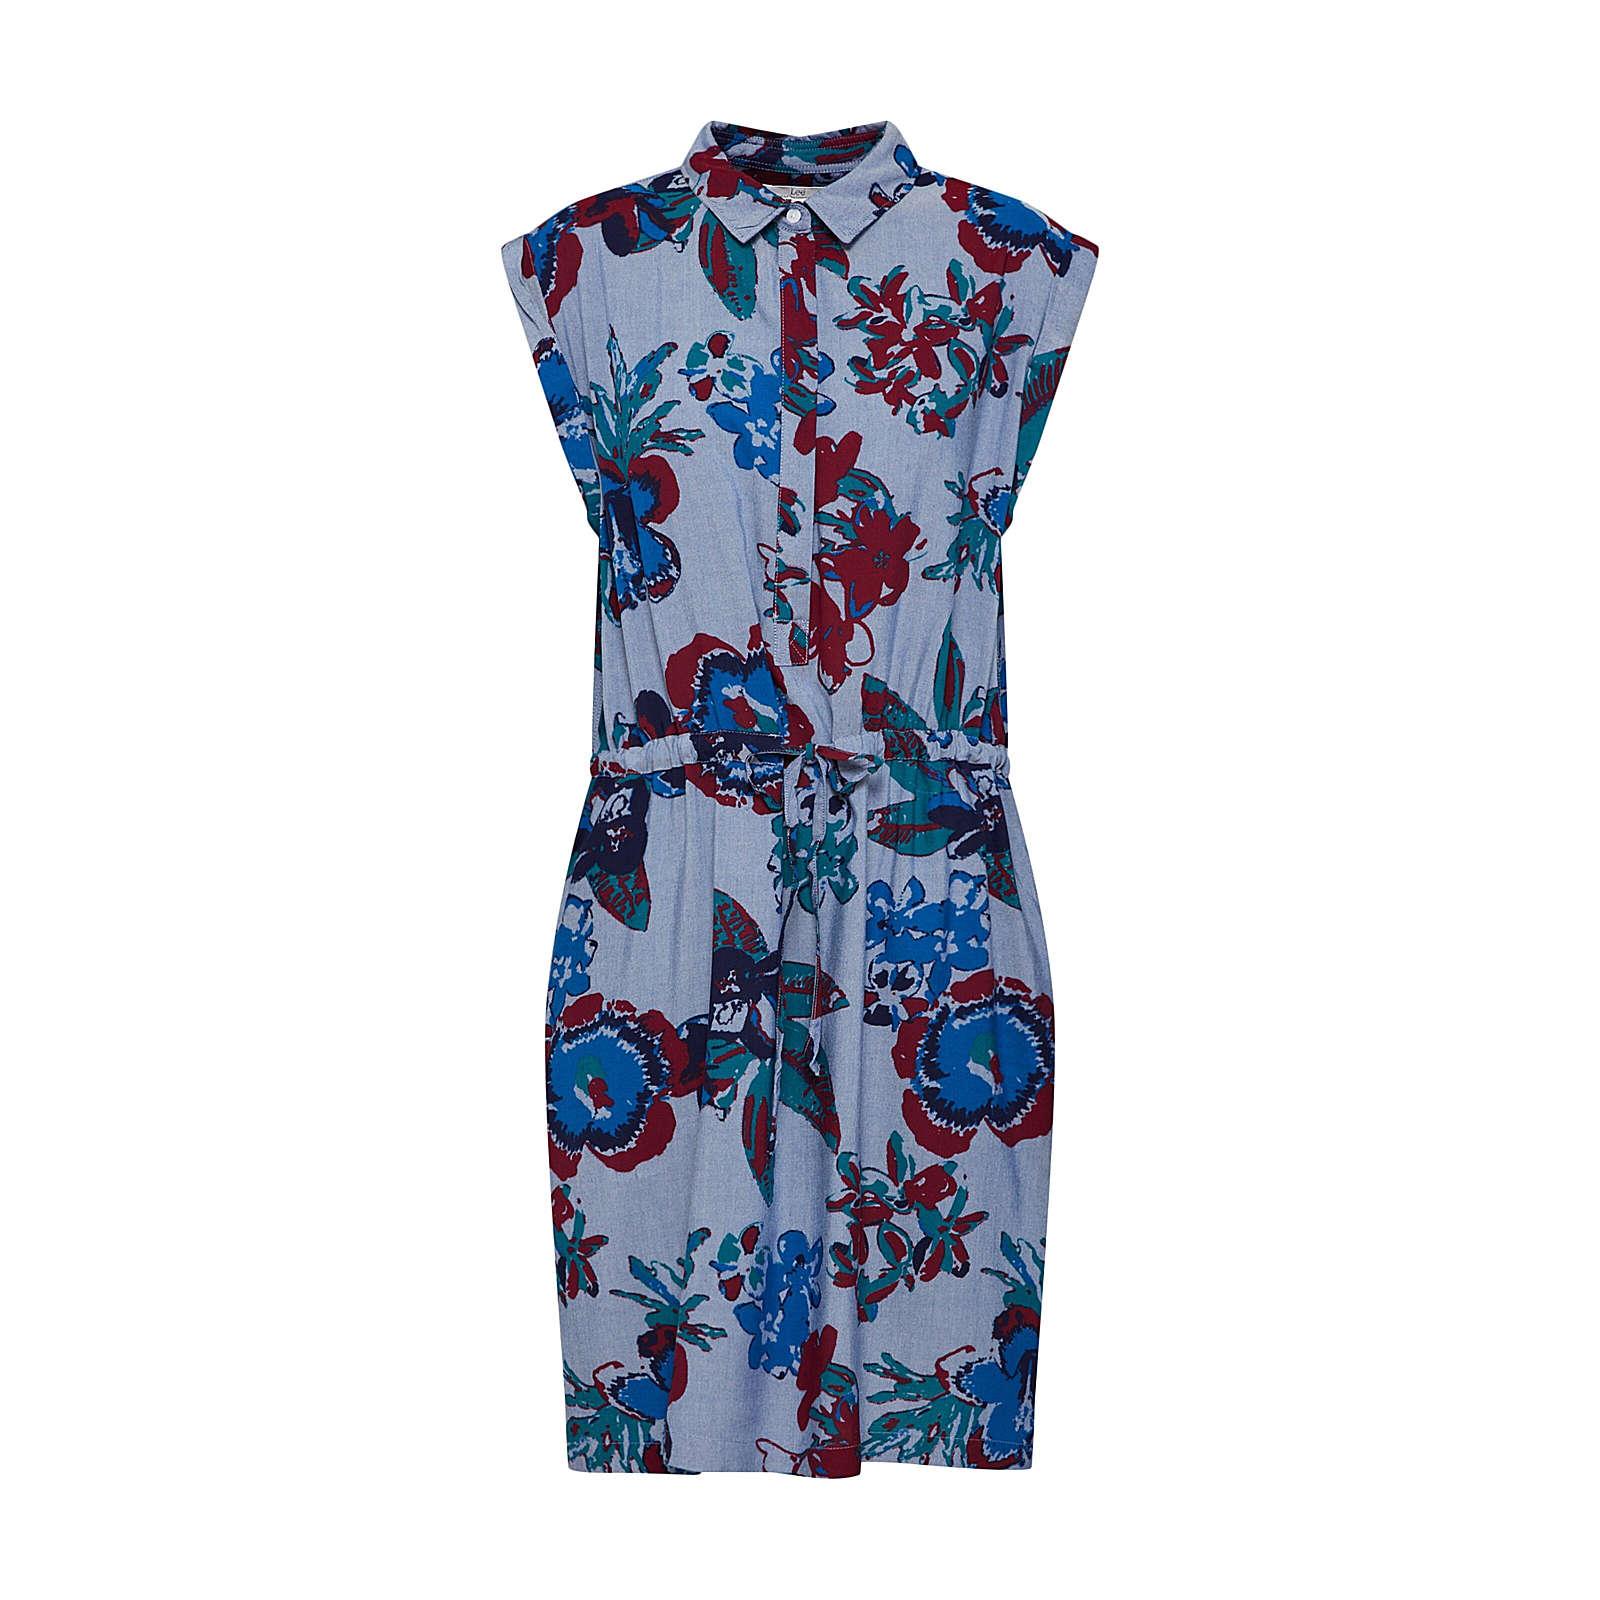 Lee Blusenkleid Blusenkleider mehrfarbig Damen Gr. 38